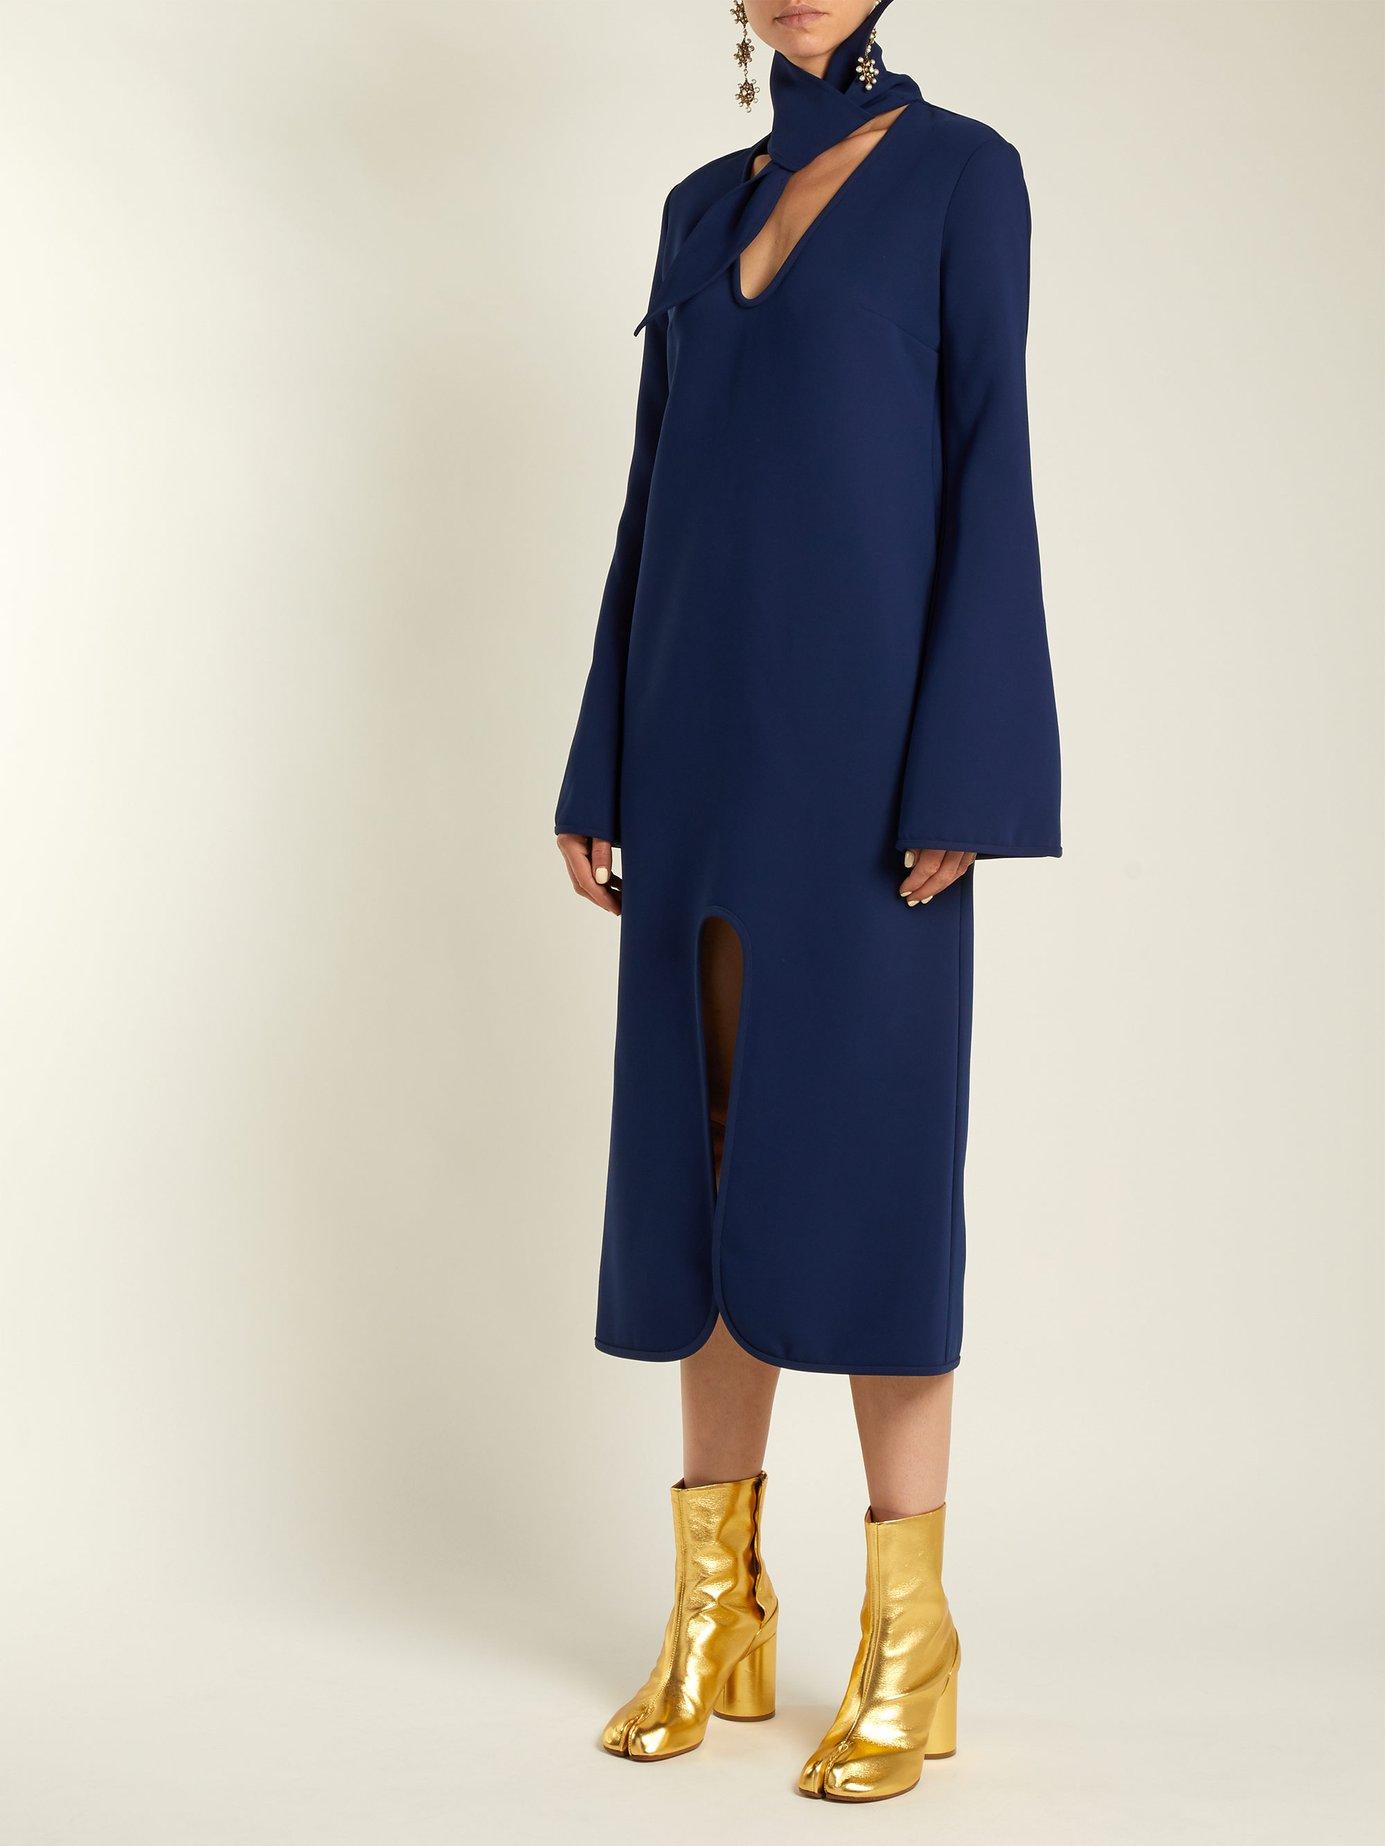 Beatification split midi dress by Ellery